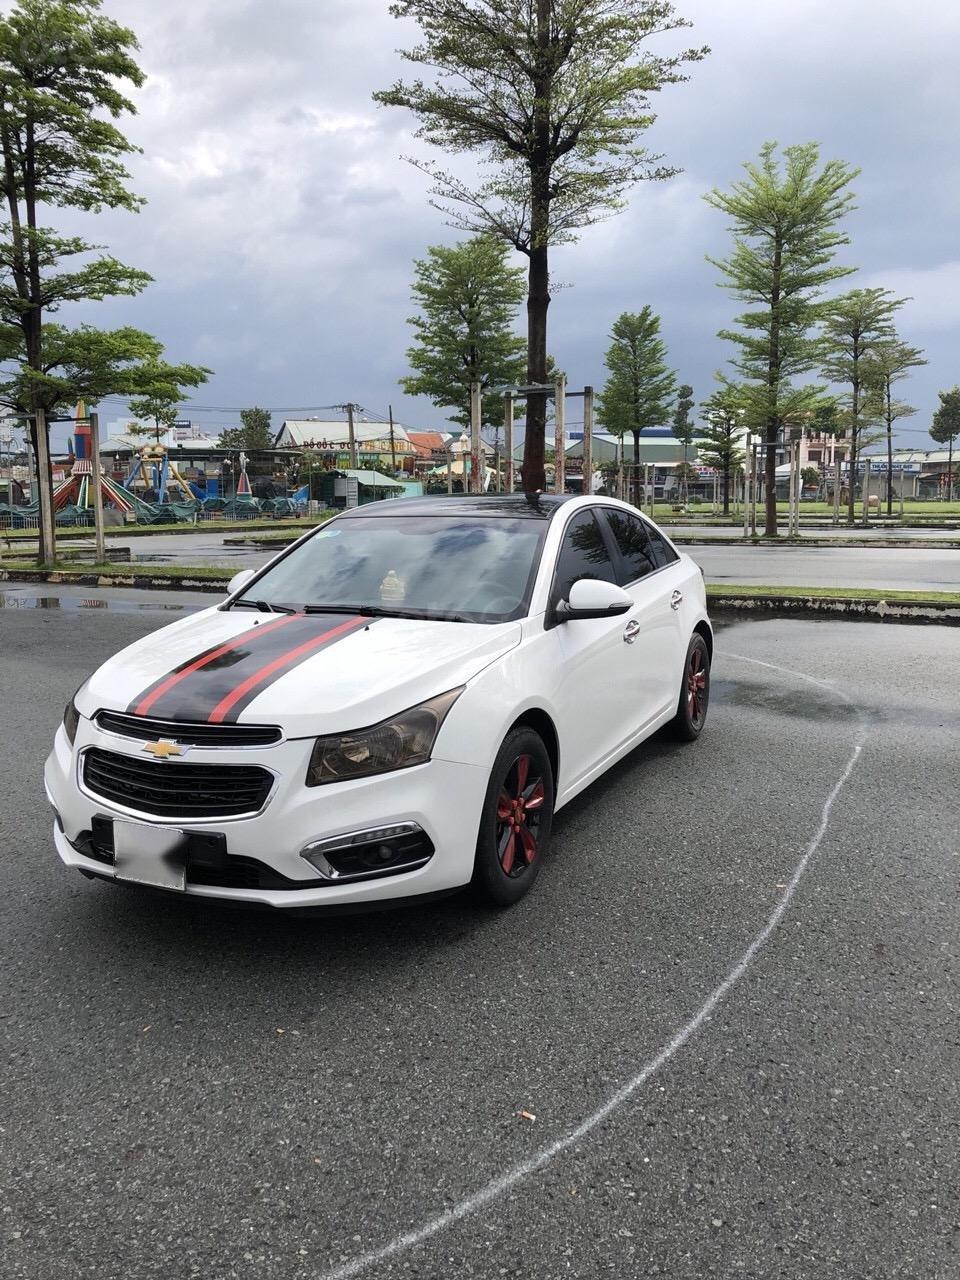 Bán Chevrolet Cruze 1.6LS sản xuất 2016, màu trắng xe nhà bán lại 378 triệu (4)